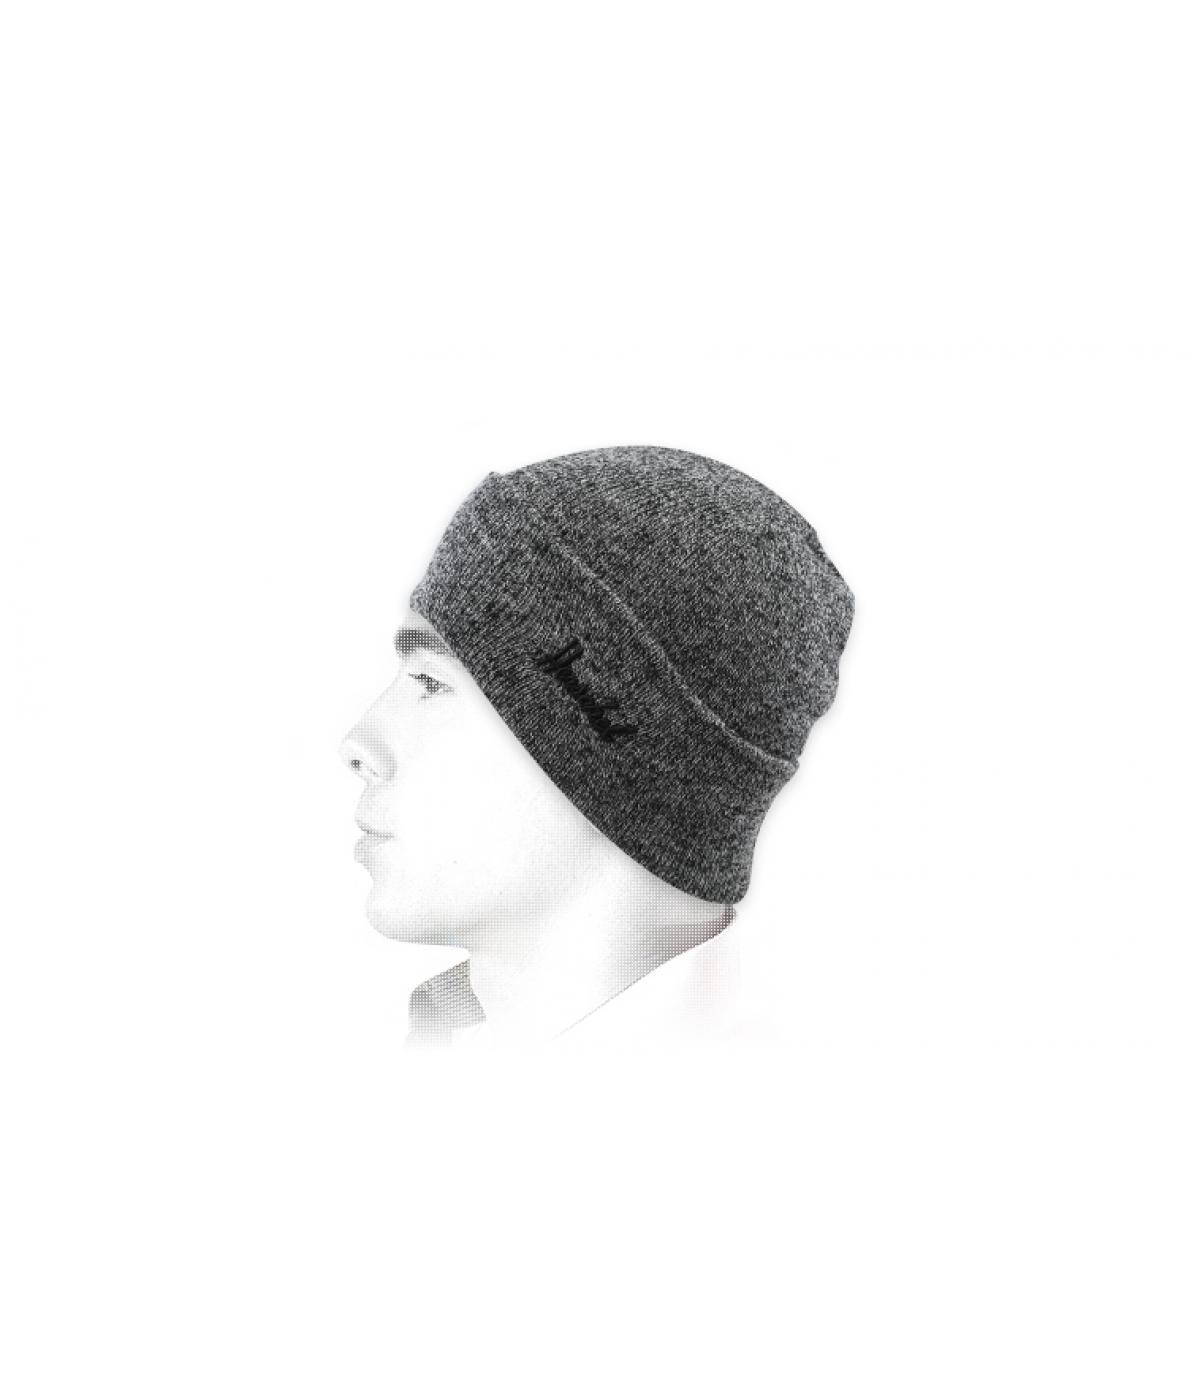 Mütze schwarz meliert Herschel